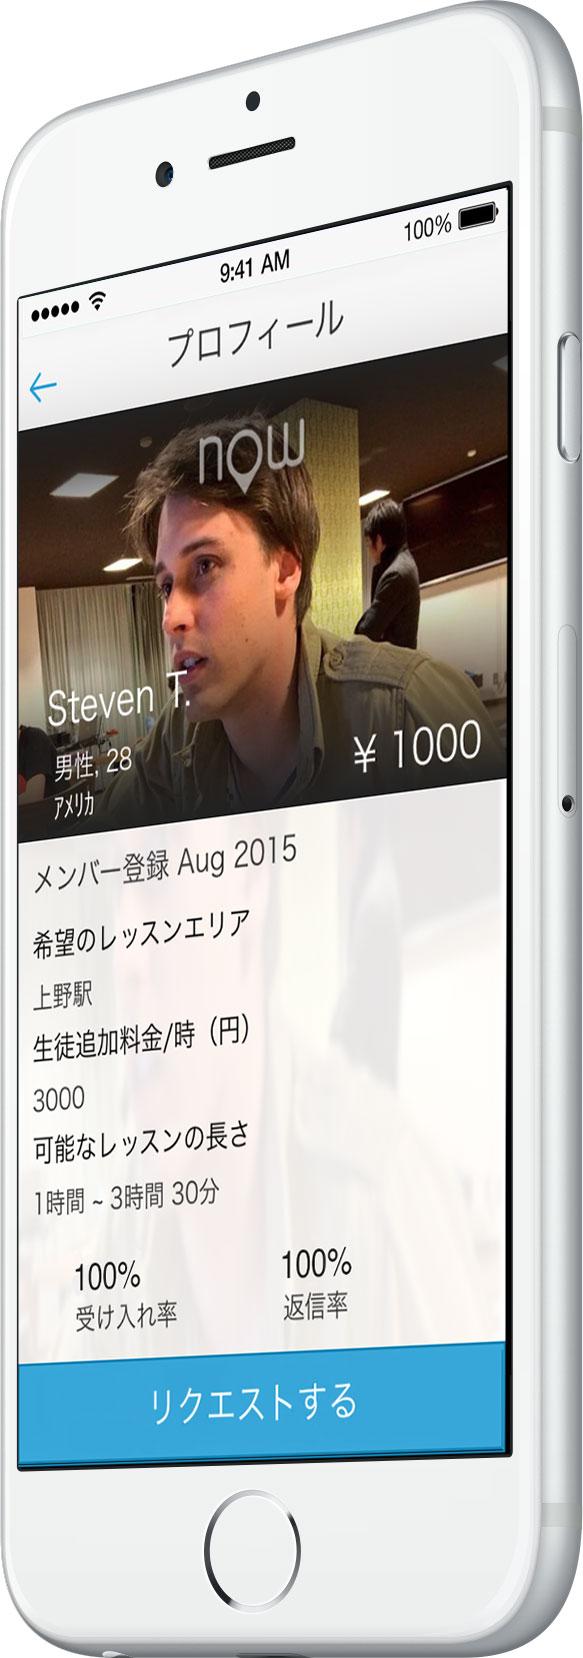 teacher_Steven_side.jpg